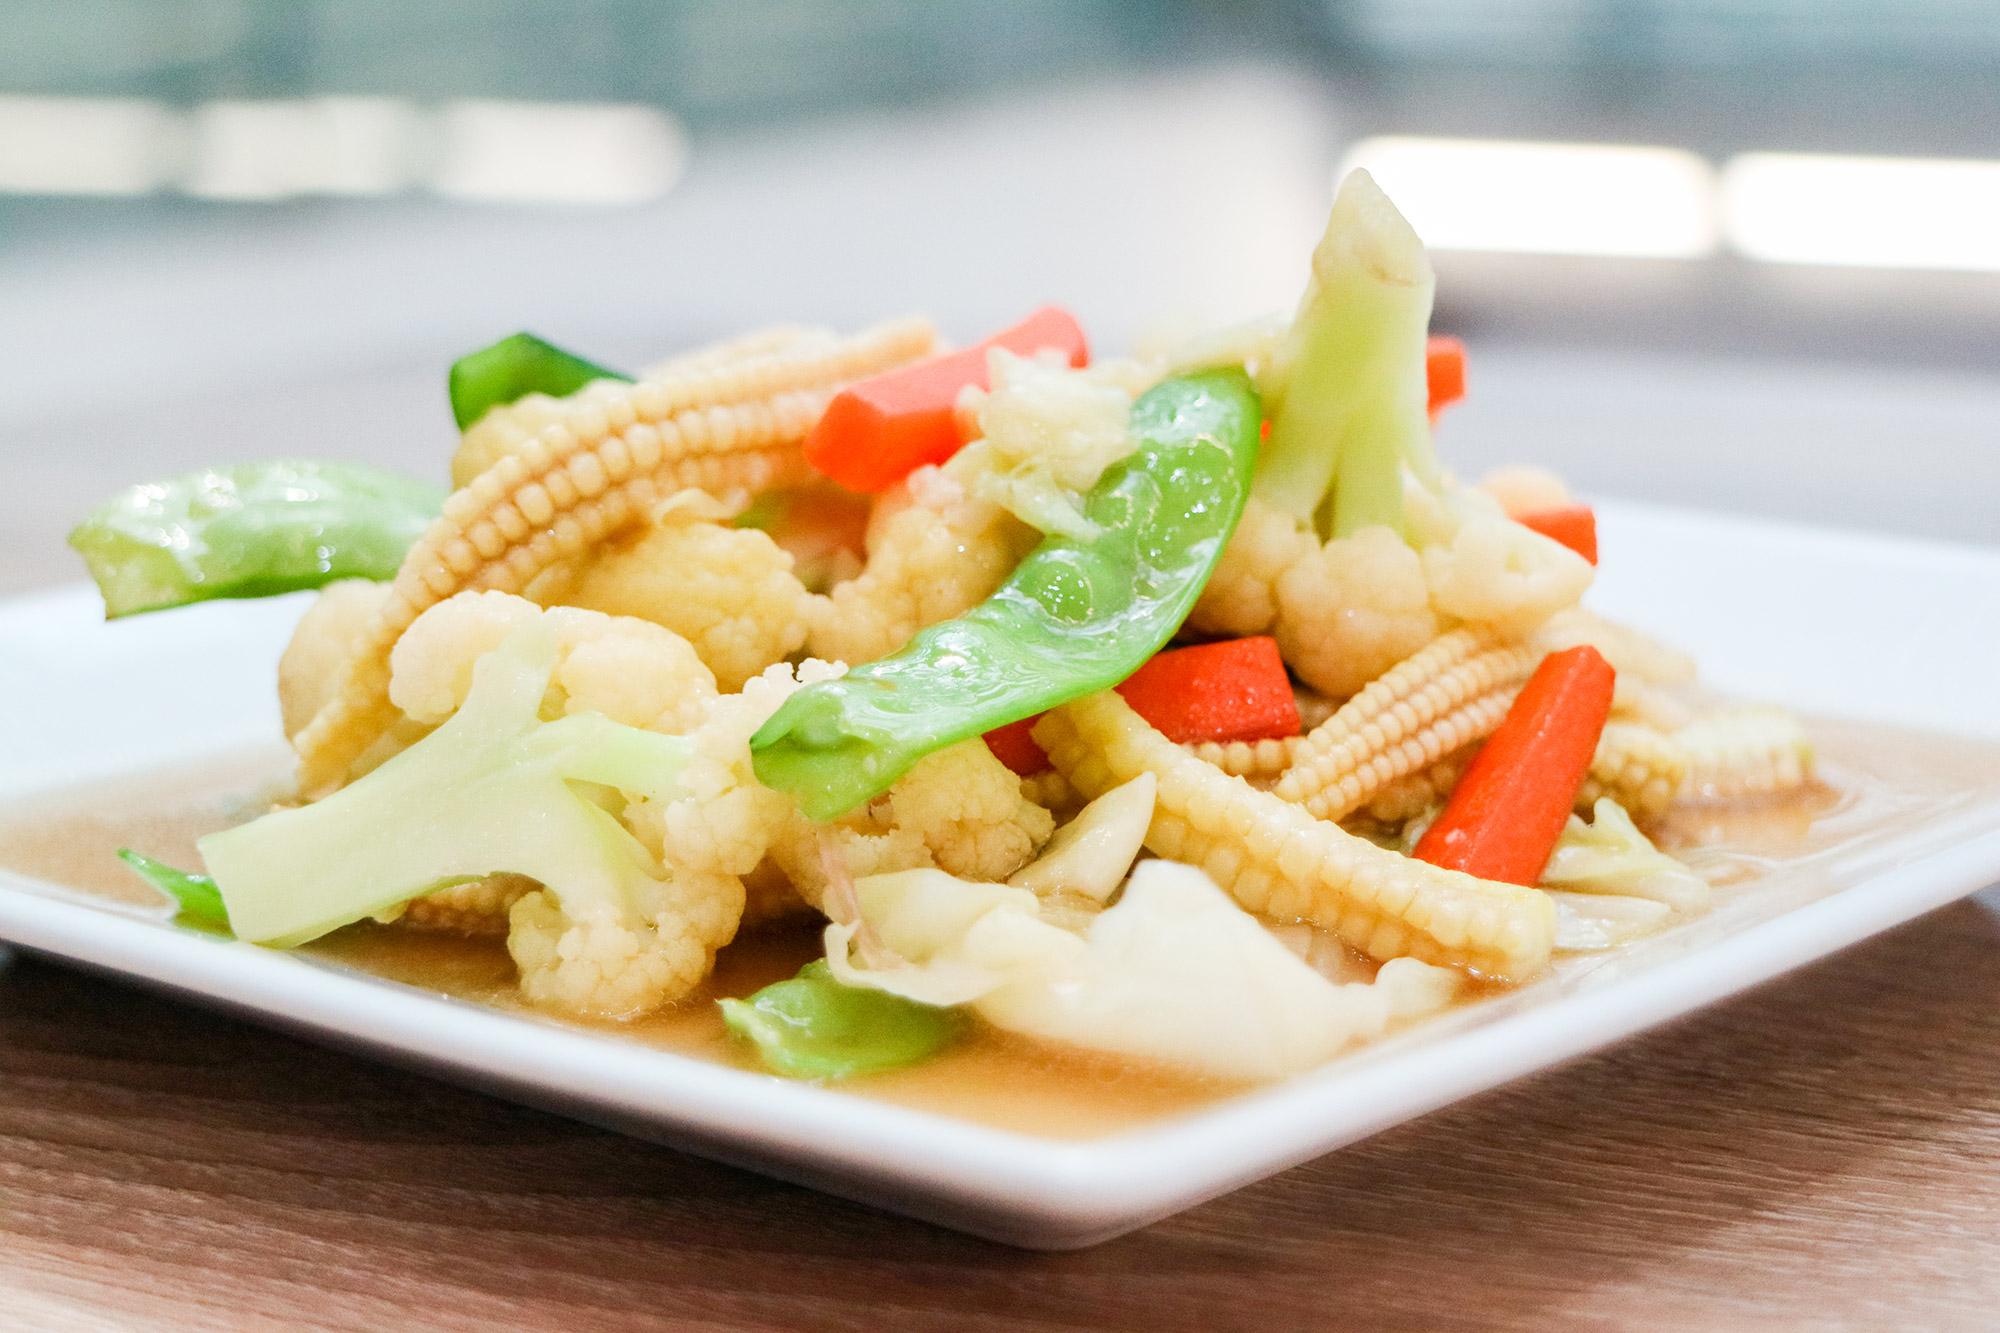 ผัดผักรวม  Spawn อาหารไทย-ญี่ปุ่น ท่าอากาศยานสุวรรณภูมิ IMG 1467